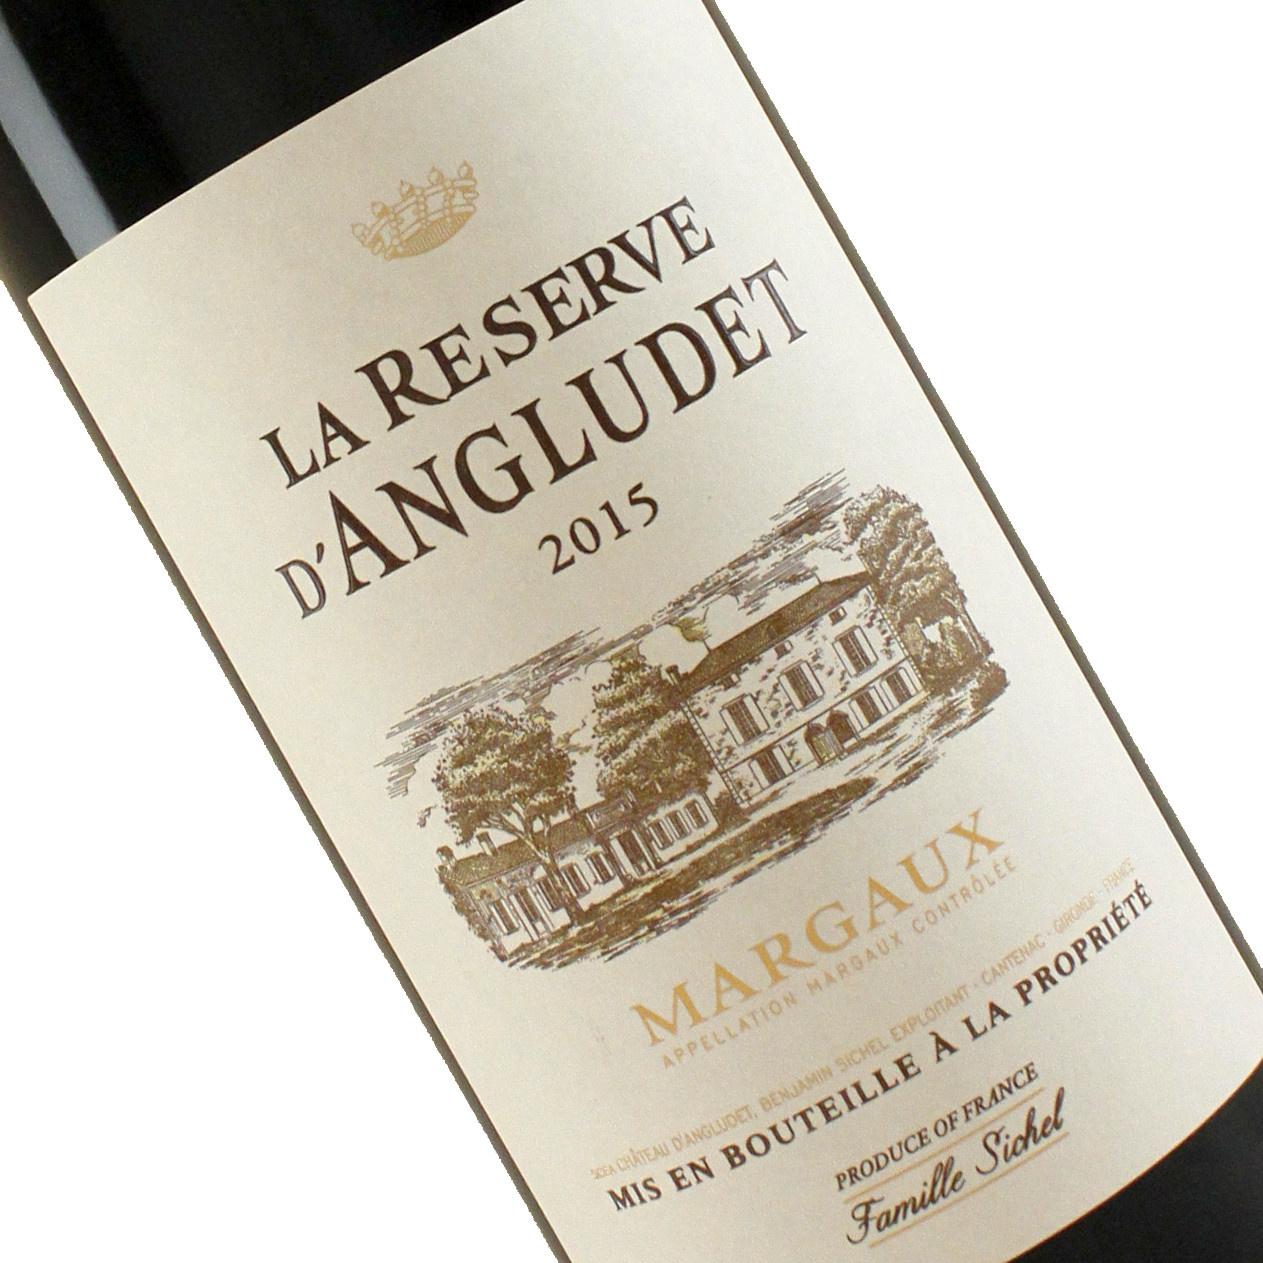 La Reserve D'Angludet 2015 Margaux Red Bordeaux